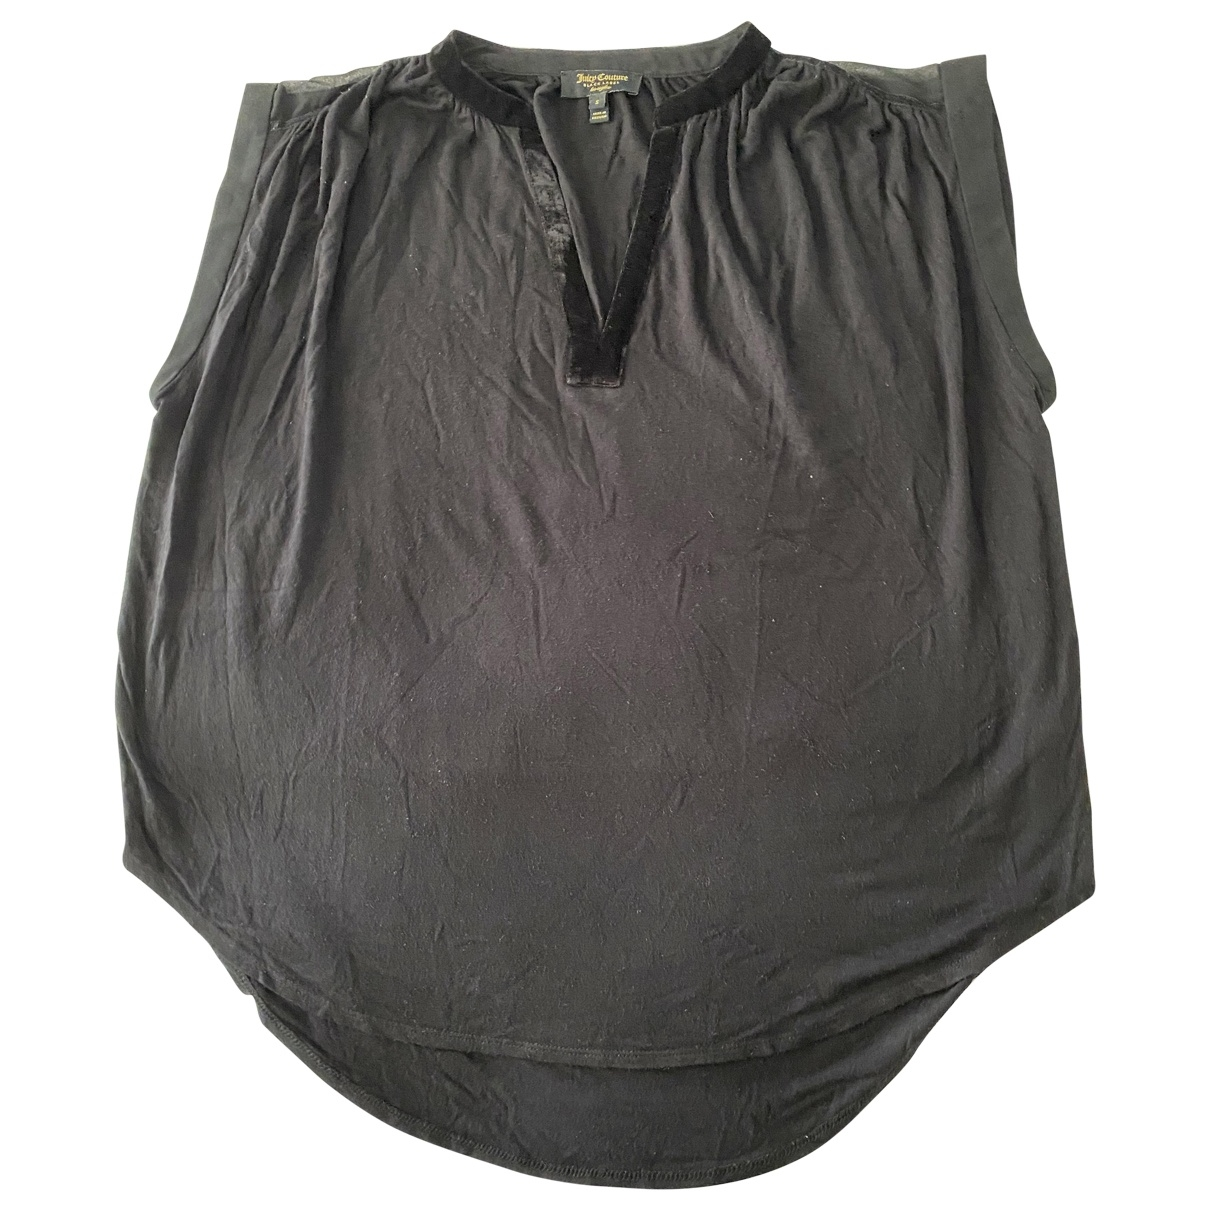 Juicy Couture - Top   pour femme - noir